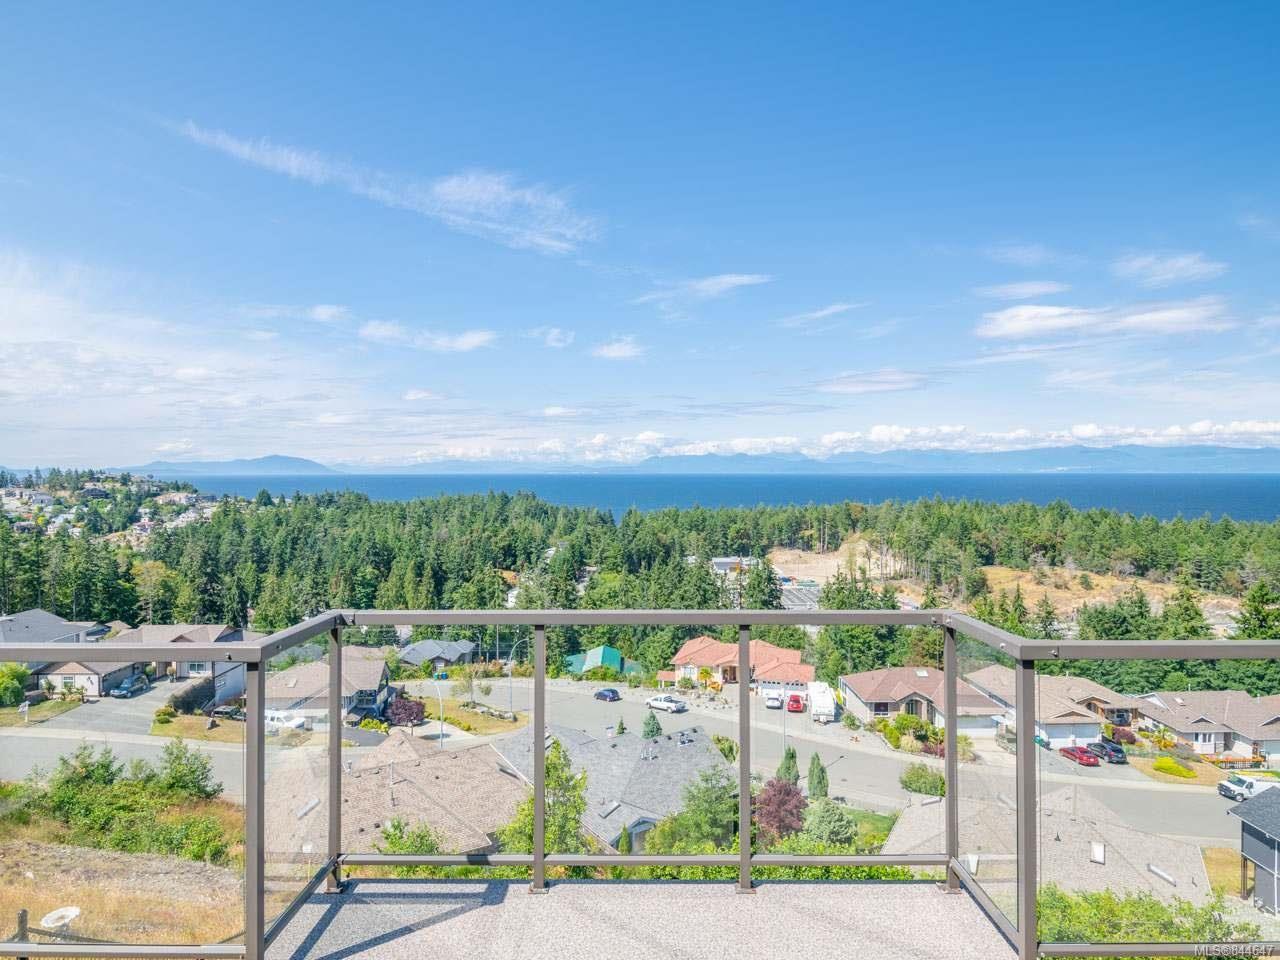 Photo 47: Photos: 4576 Laguna Way in NANAIMO: Na North Nanaimo House for sale (Nanaimo)  : MLS®# 844647